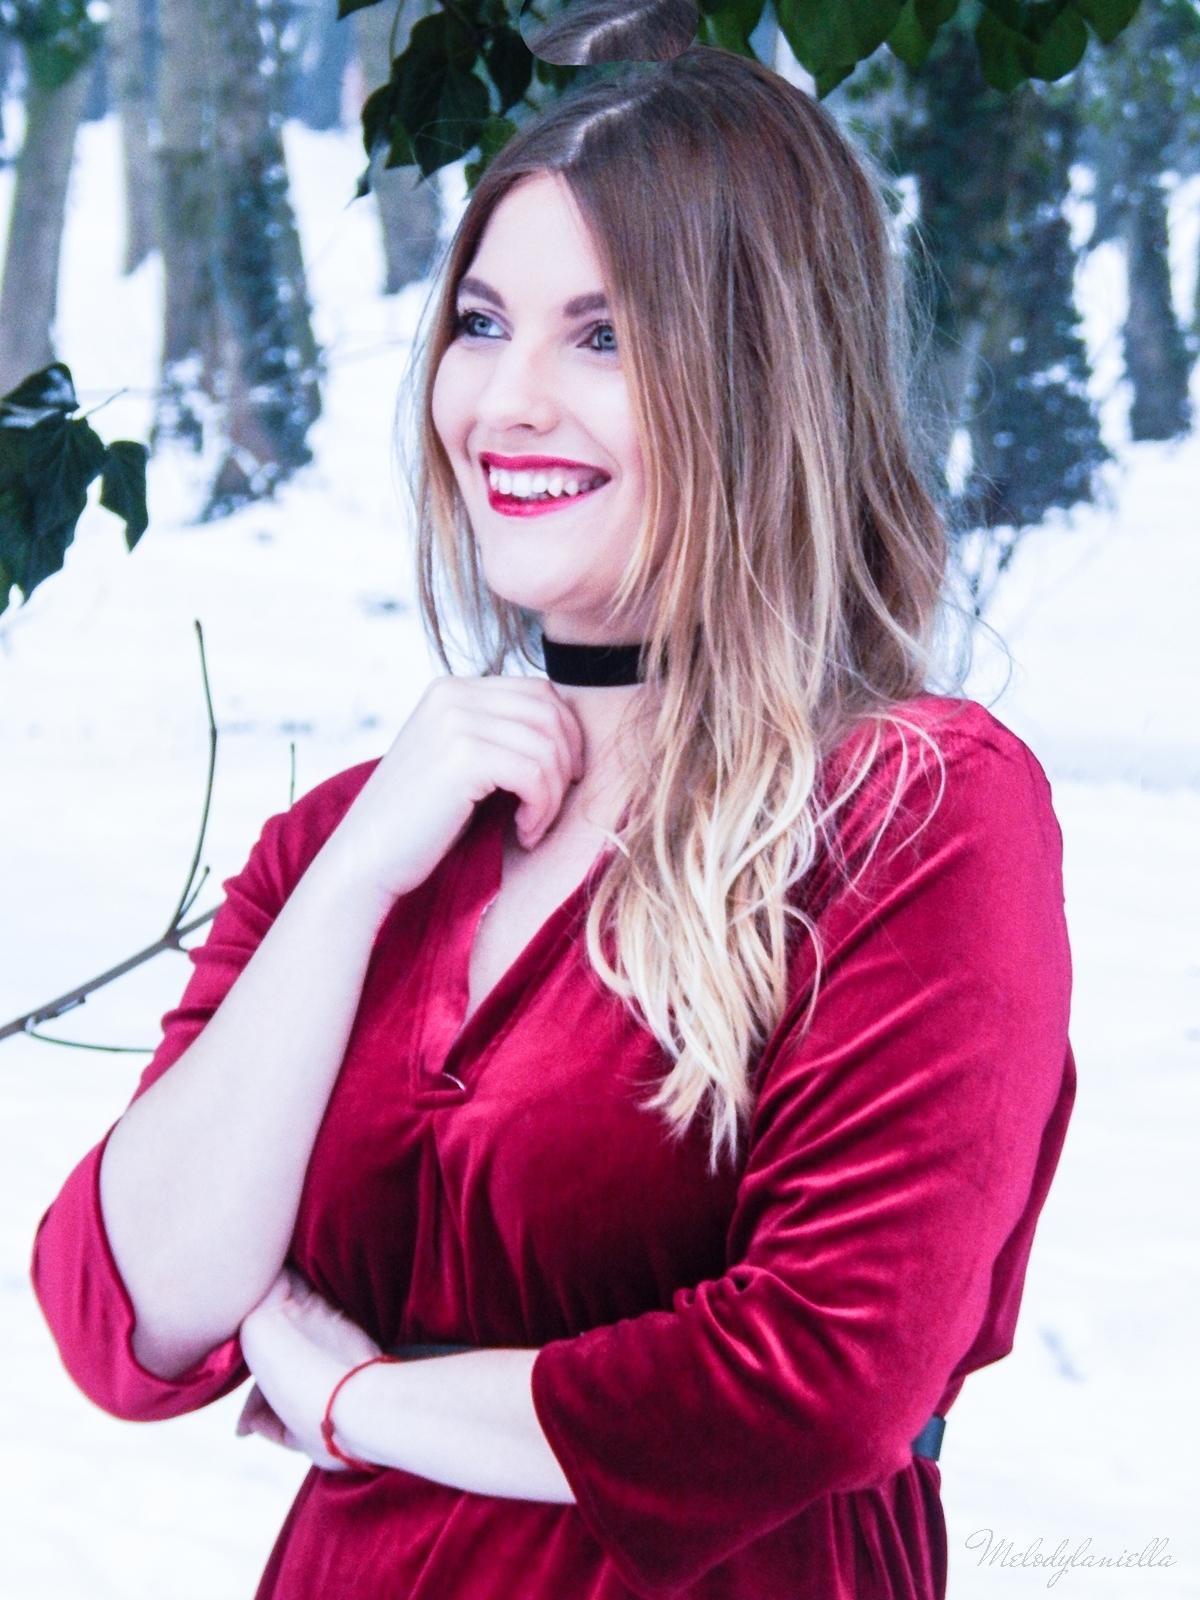 007 torebka manzana czarna czerwona aksamitna  sukienka zaful choker sammydress girl fashion zimowy lookbook stylizacja melodylaniella rajstopy veera pończochy fashion moda szary płaszcz